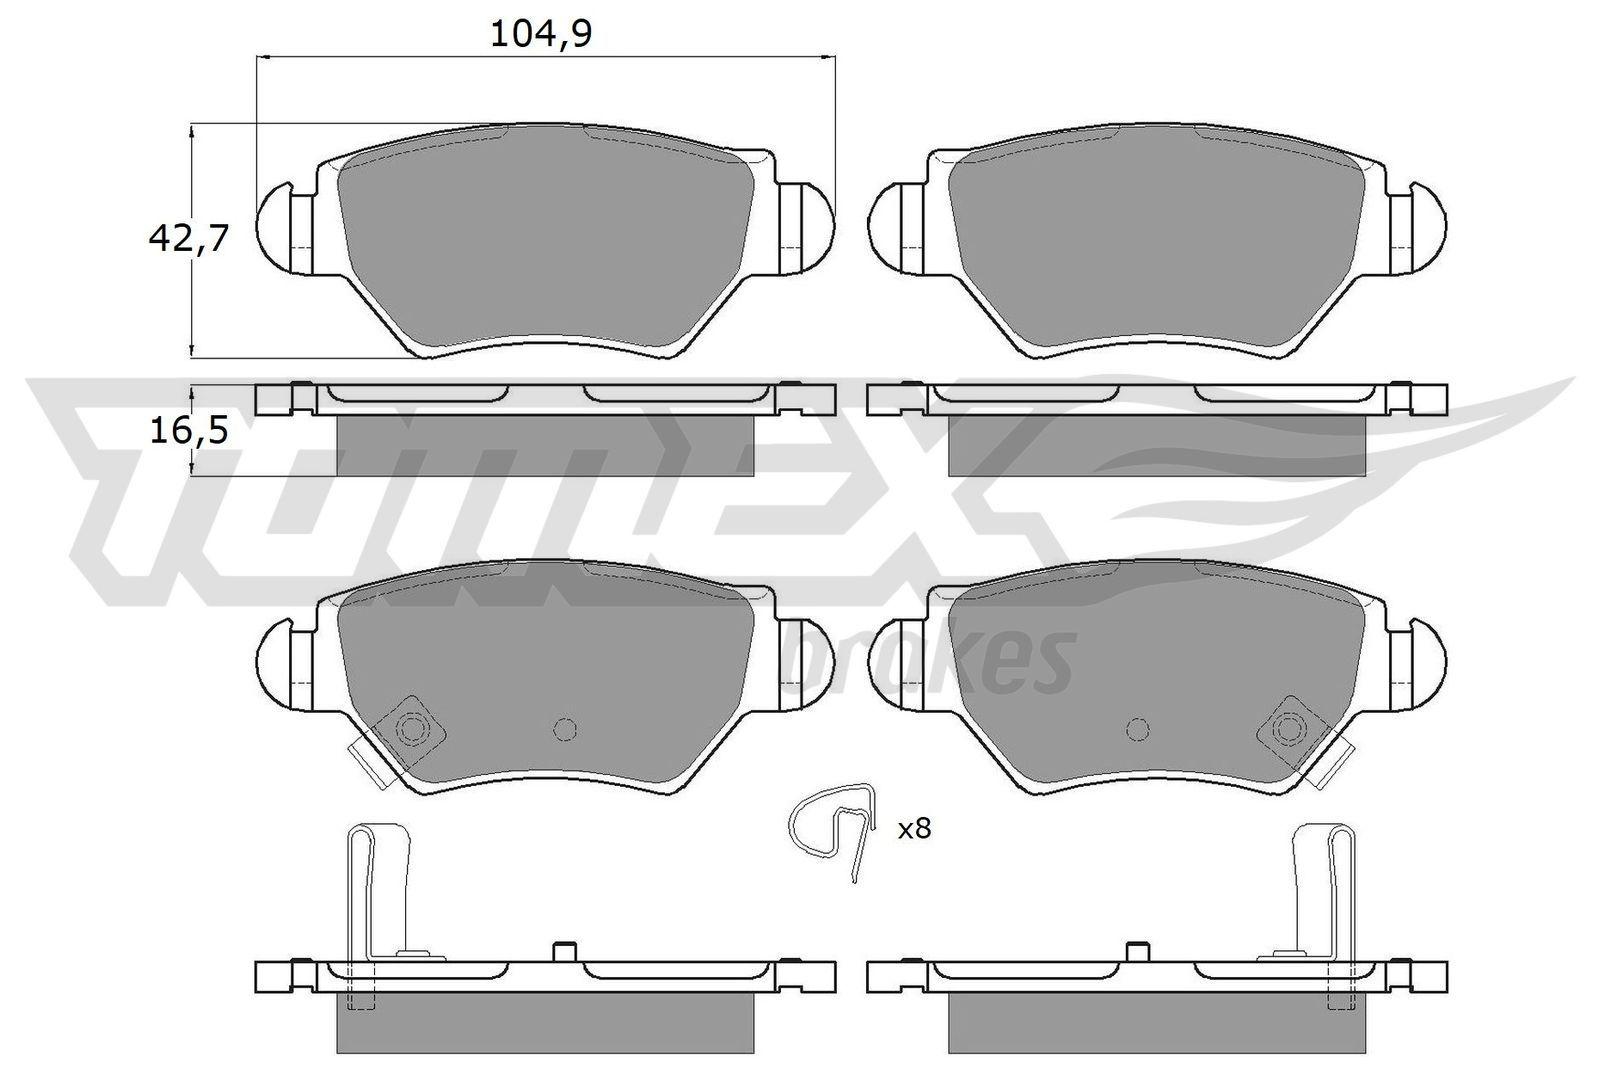 Bremsbelagsatz TOMEX brakes TX 12-14